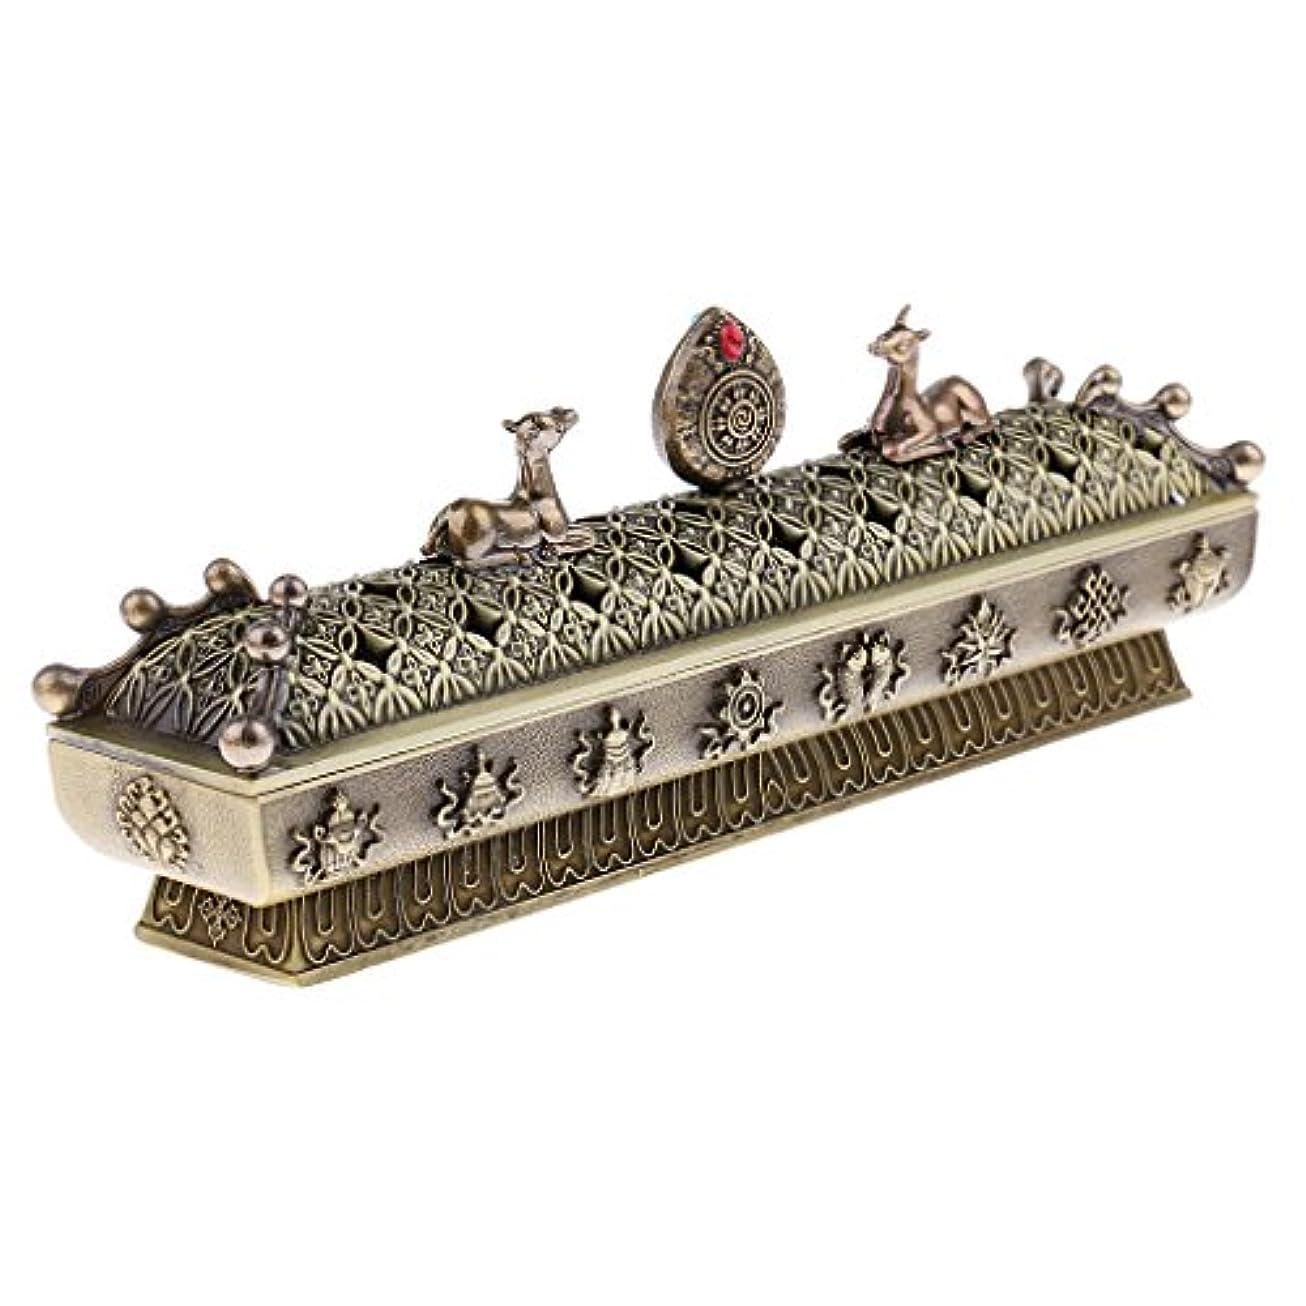 ネストセラー取り除くSONONIA 仏教 コーン 香りバーナー アッシュキャッチャー 香炉 全3色 - ブロンズ